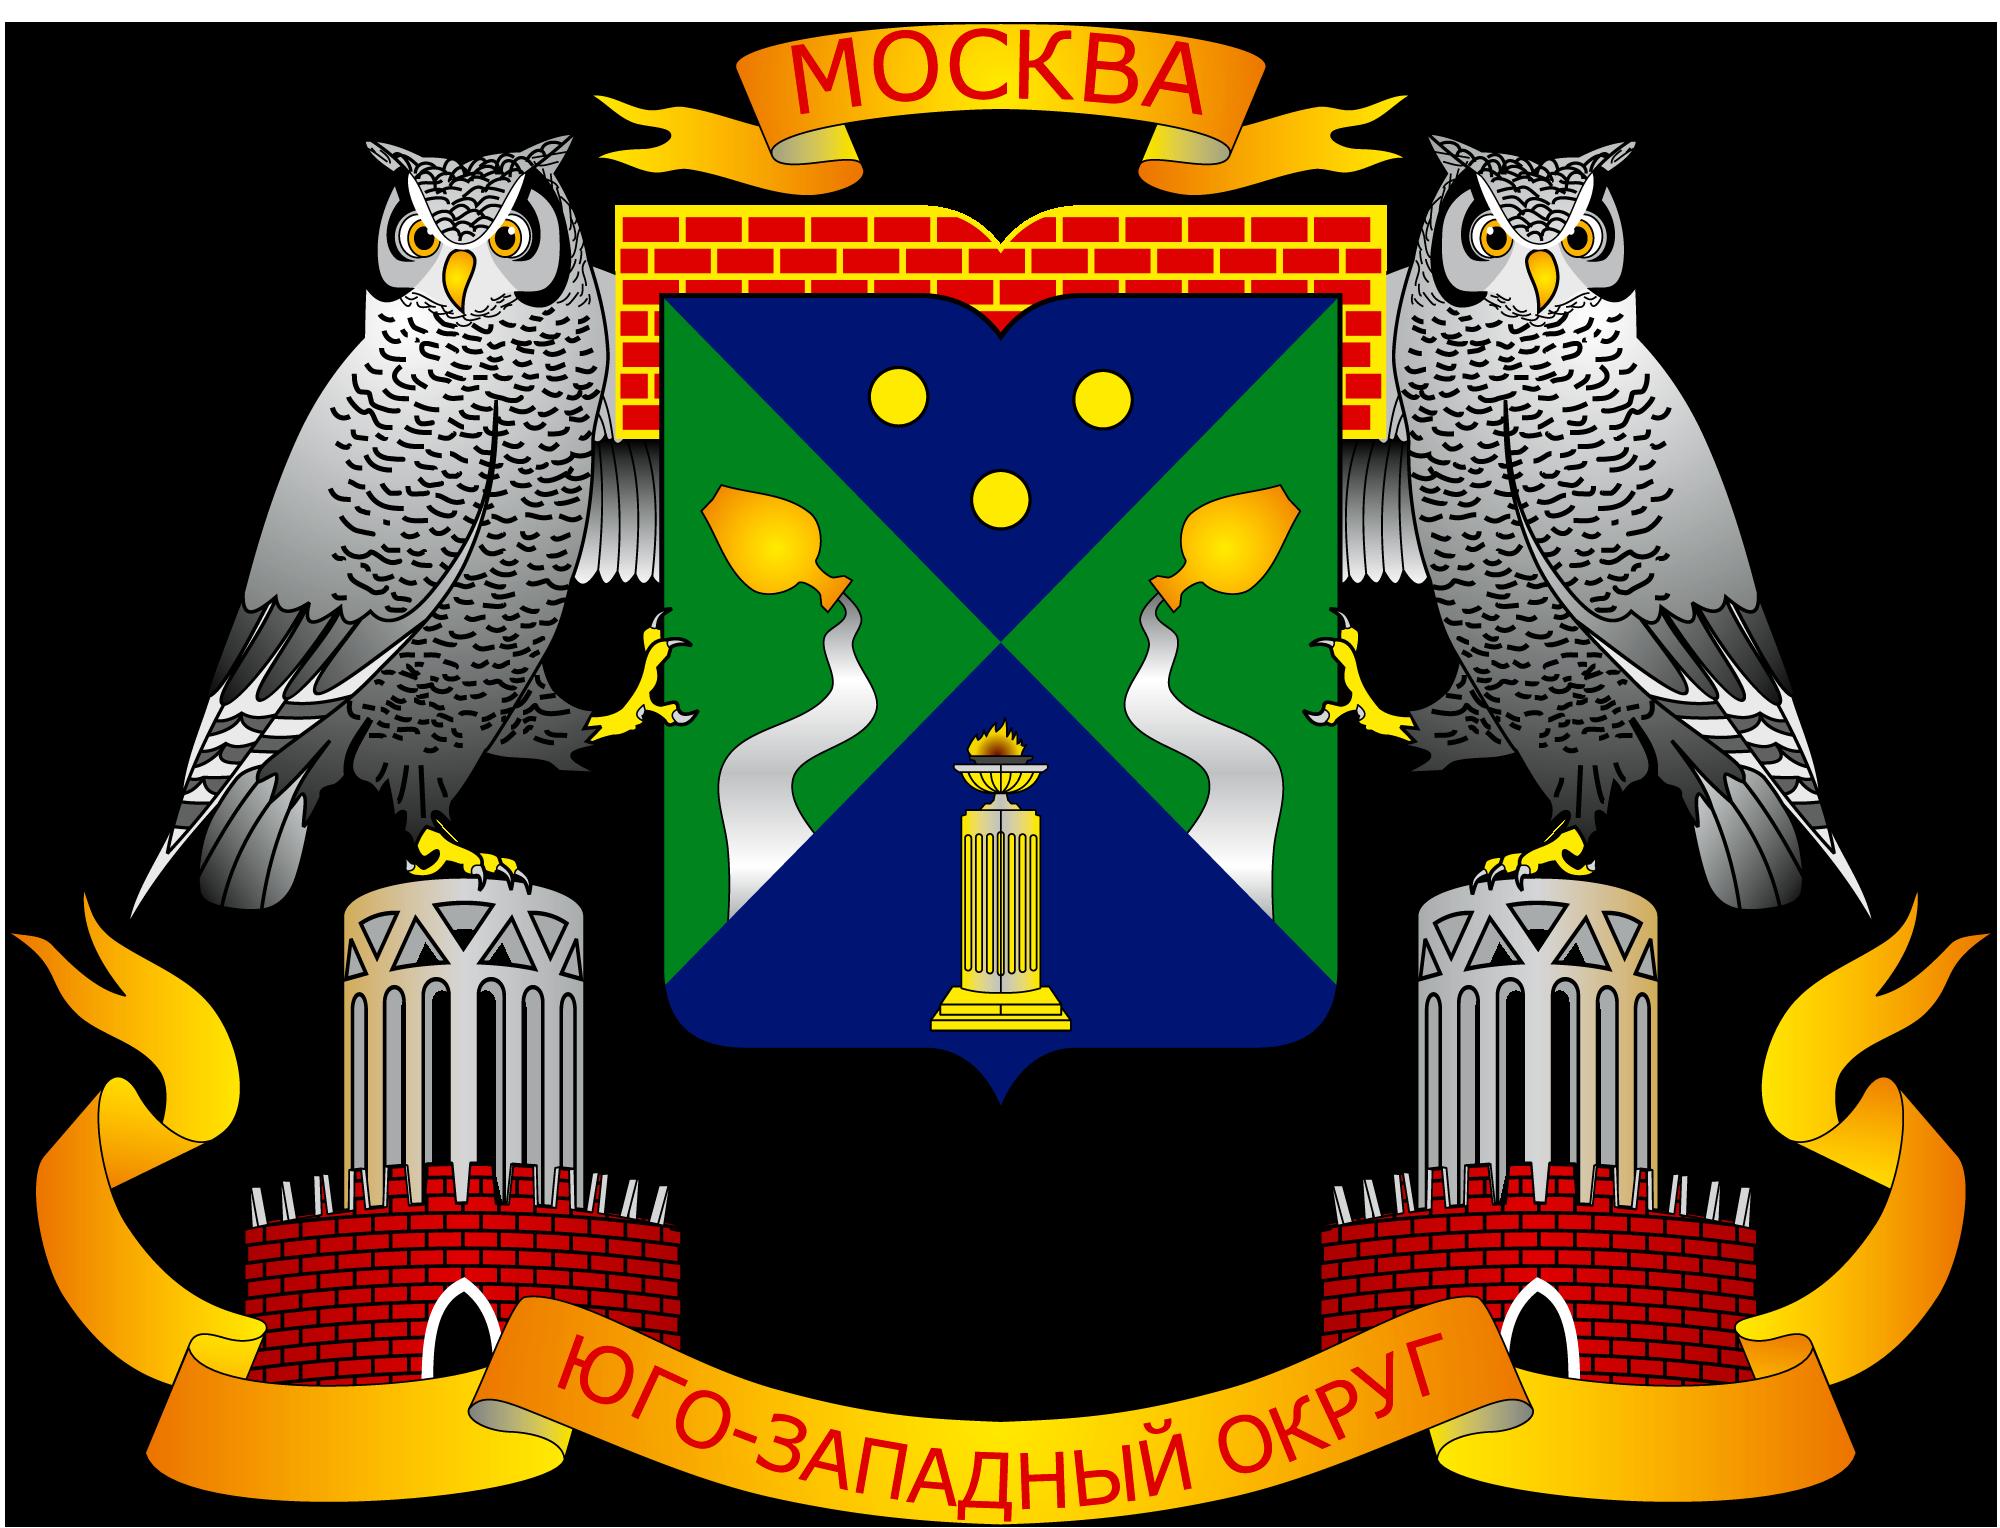 герб Юго-Западного административного округа (ЮЗАО) Москвы